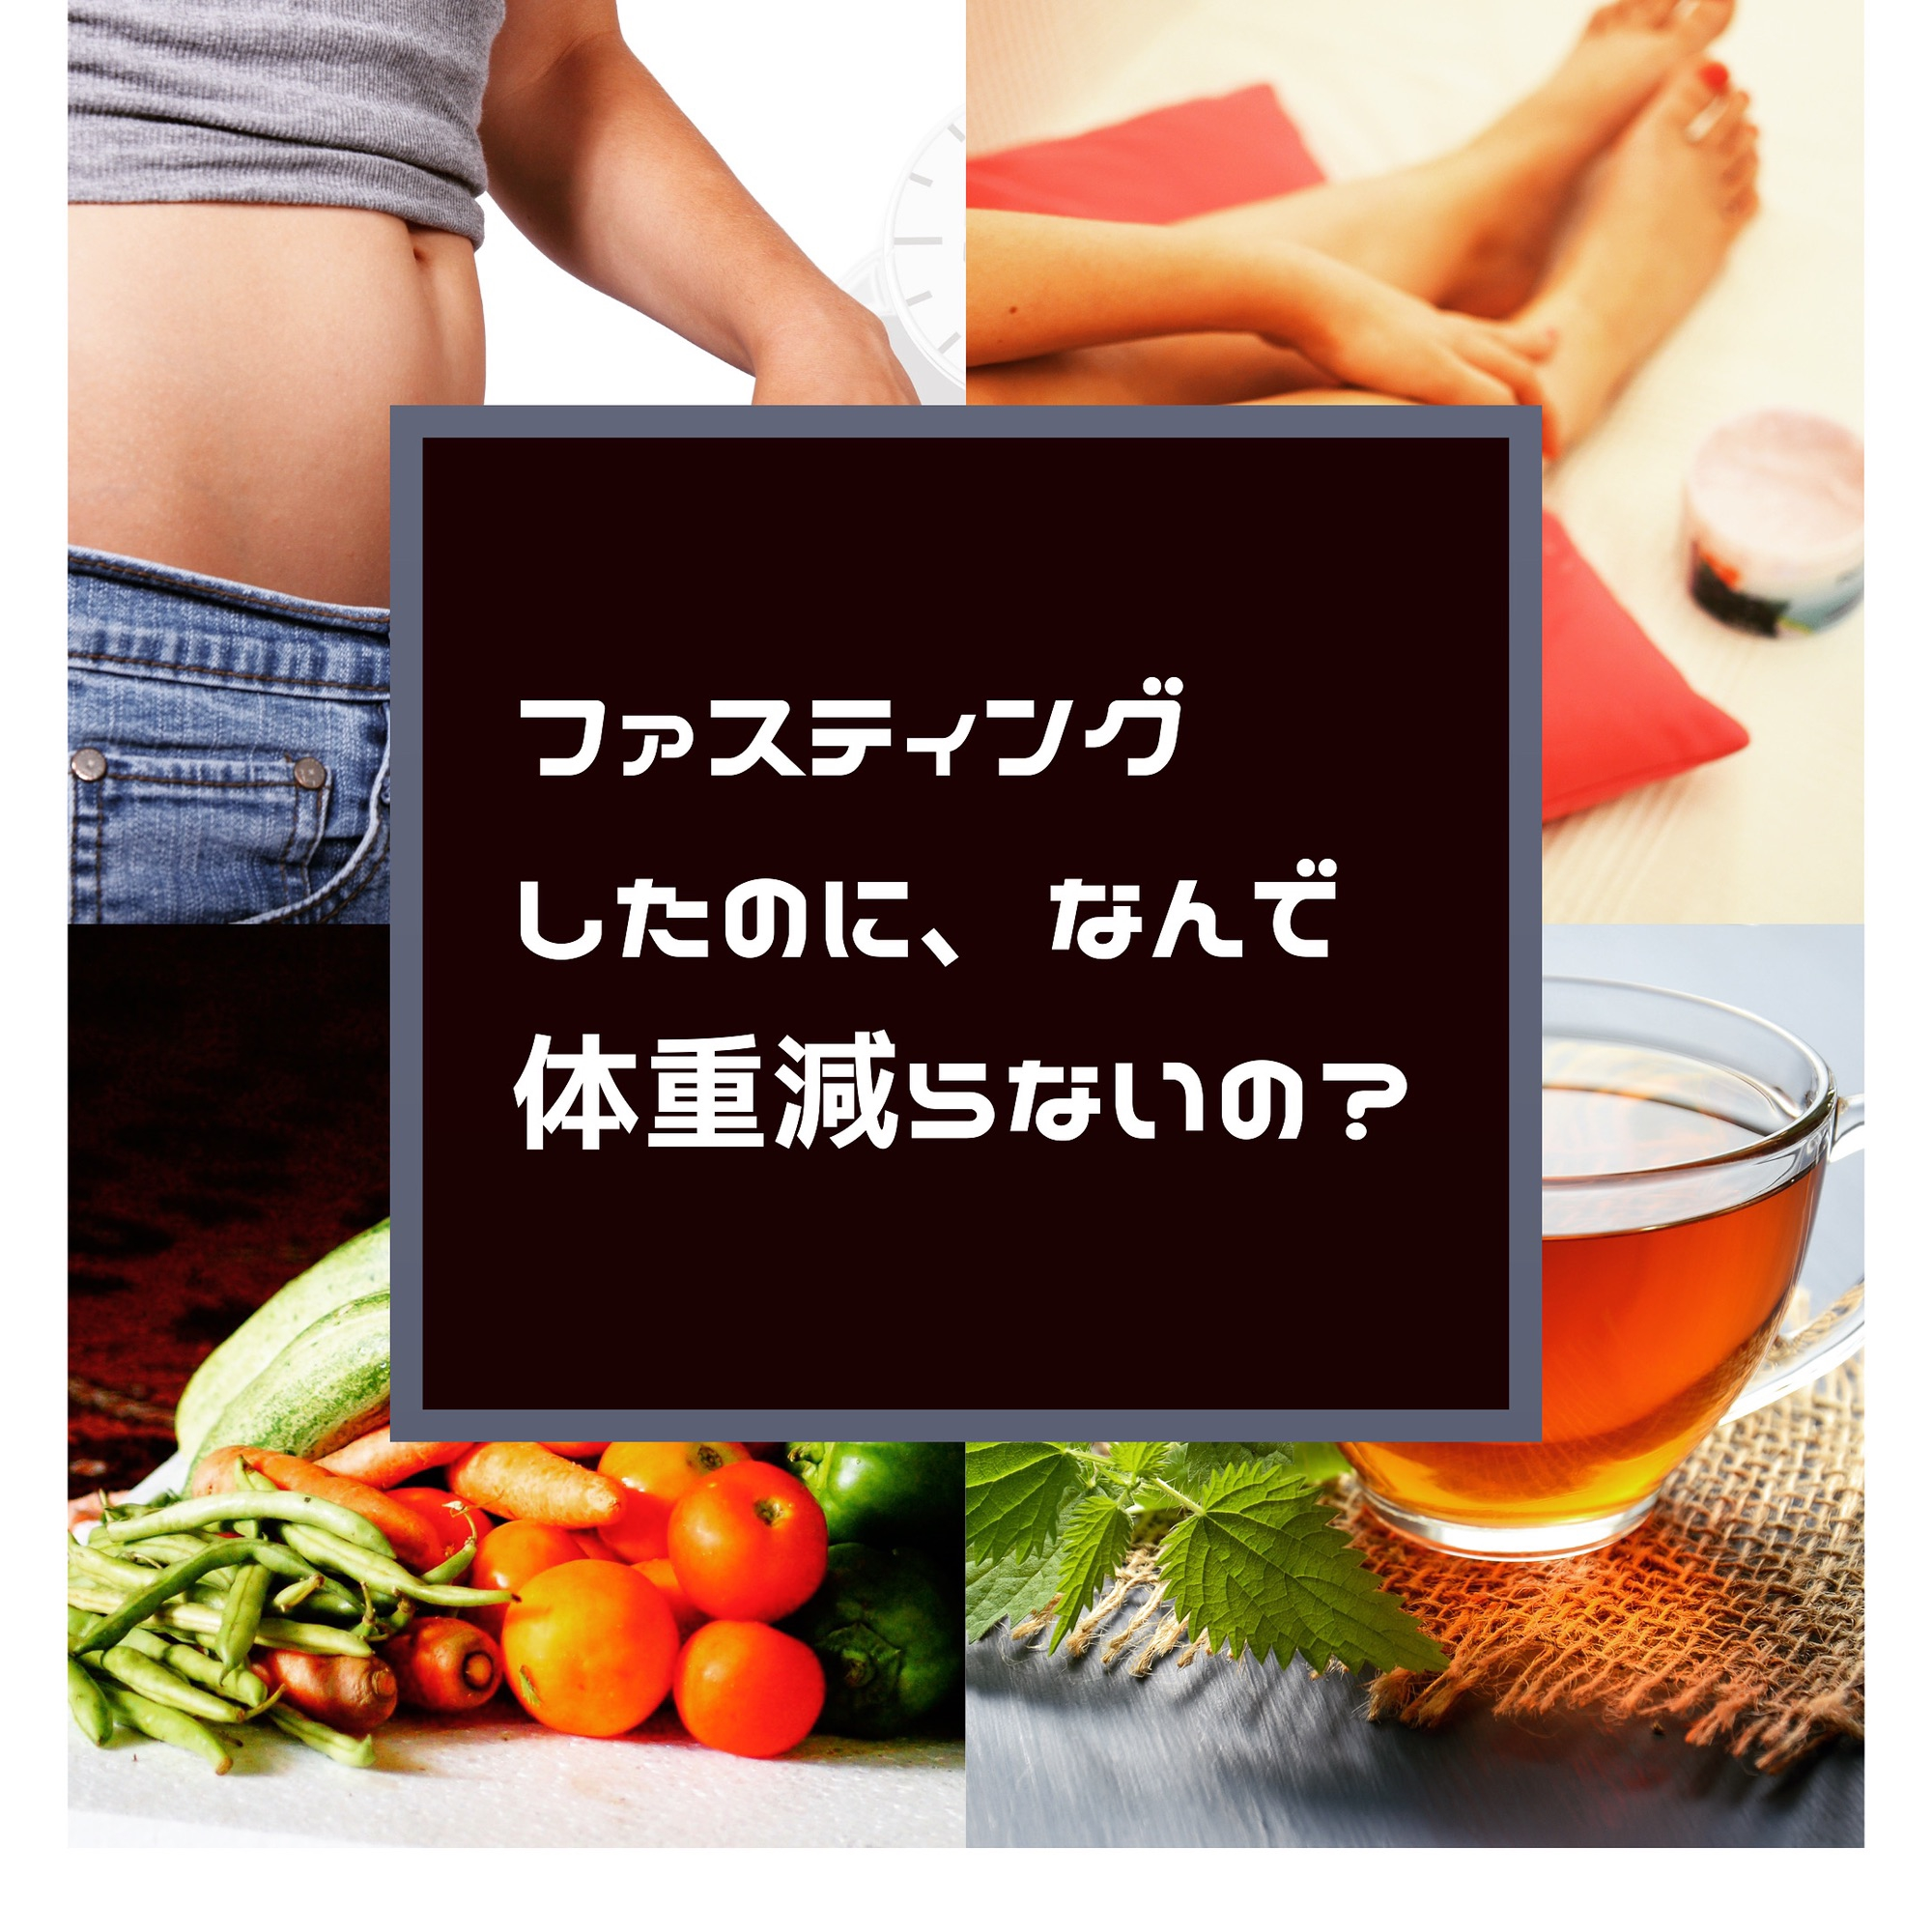 ファスティング 体重 減ら ない ファスティングで体重はどれくらい減る?絶対やせられる2つの理由